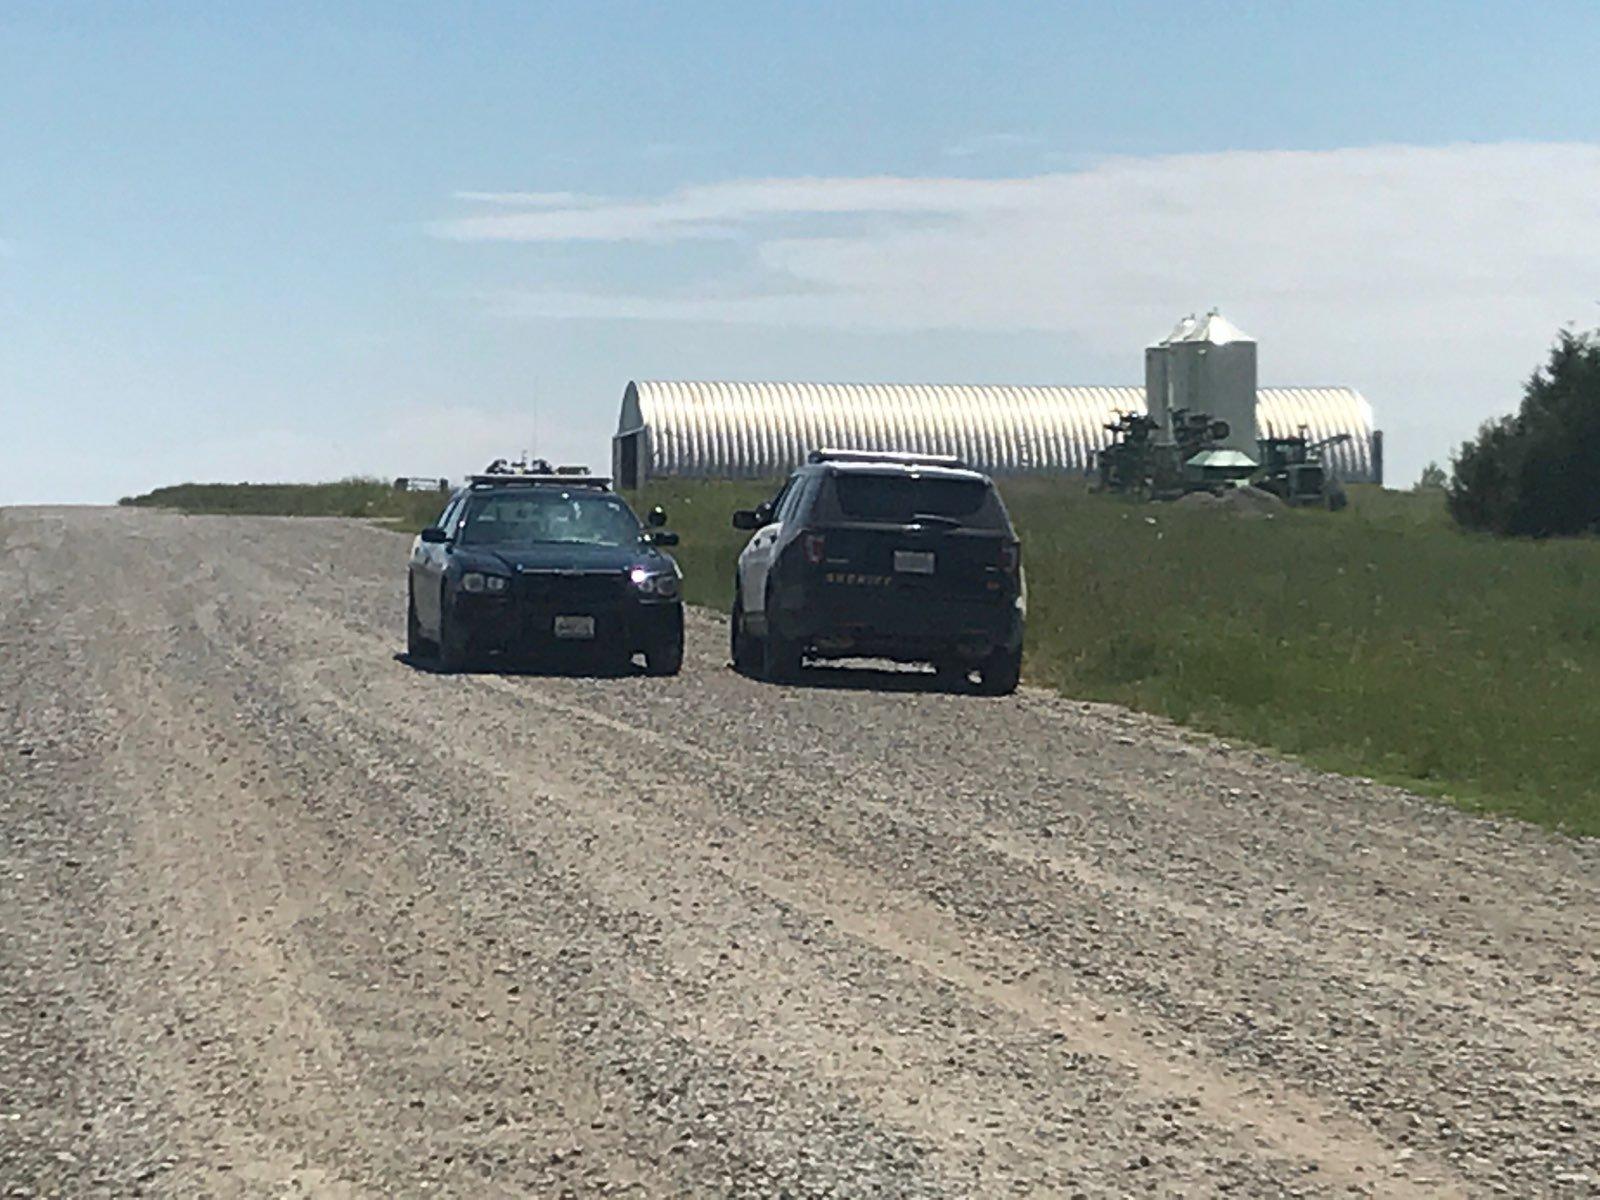 Yellowstone County Sheriff's deputies involved in manhunt   KULR 8